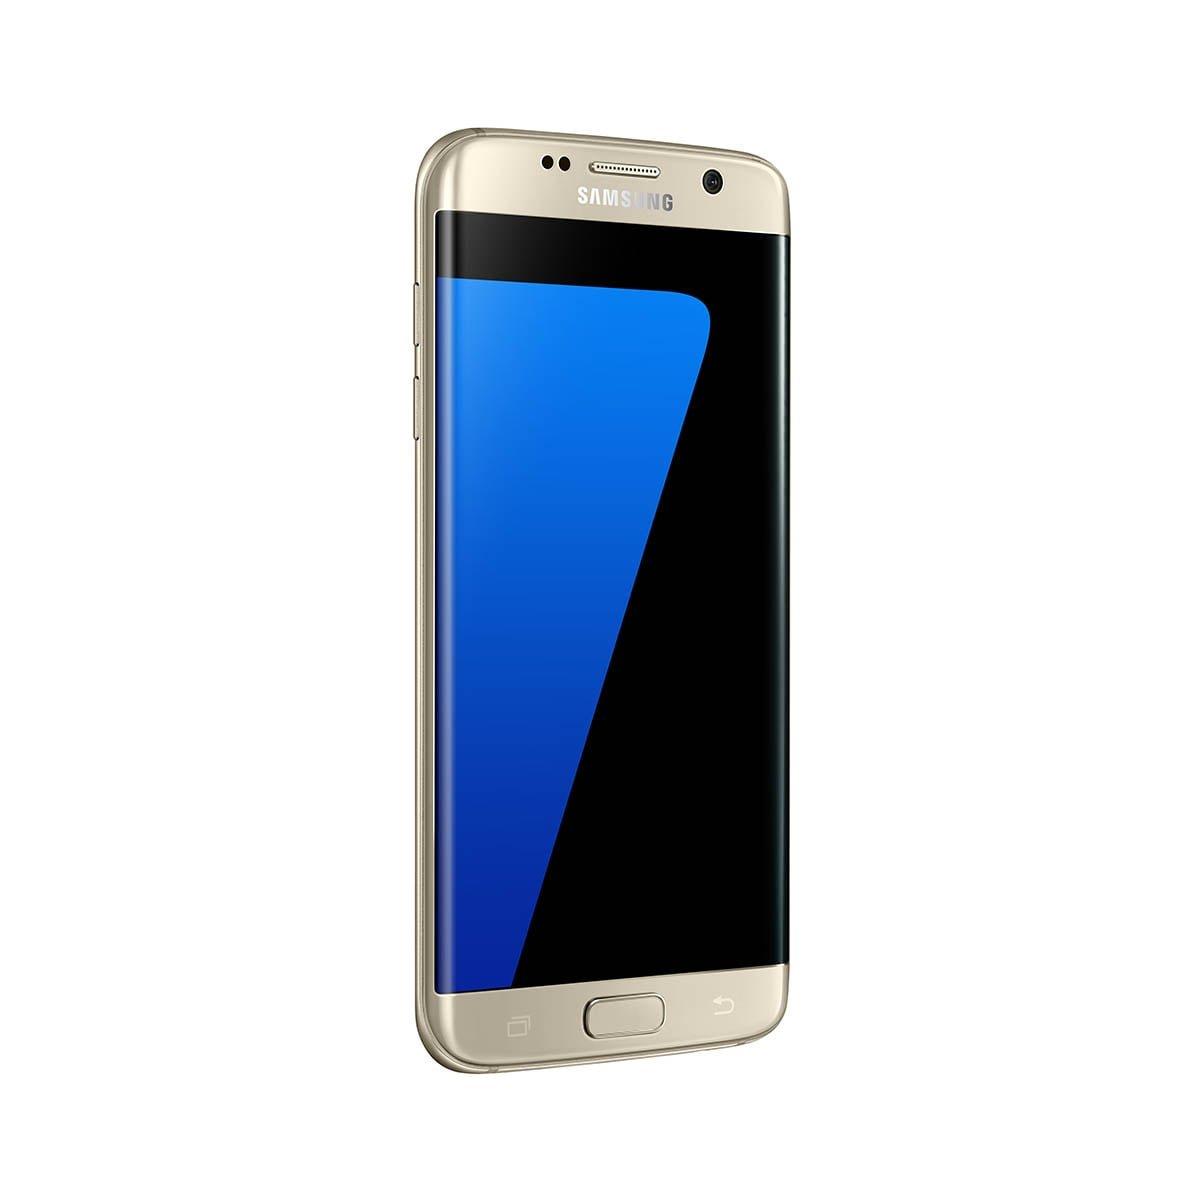 Samsung Galaxy S7, Smartphone libre de 5.1